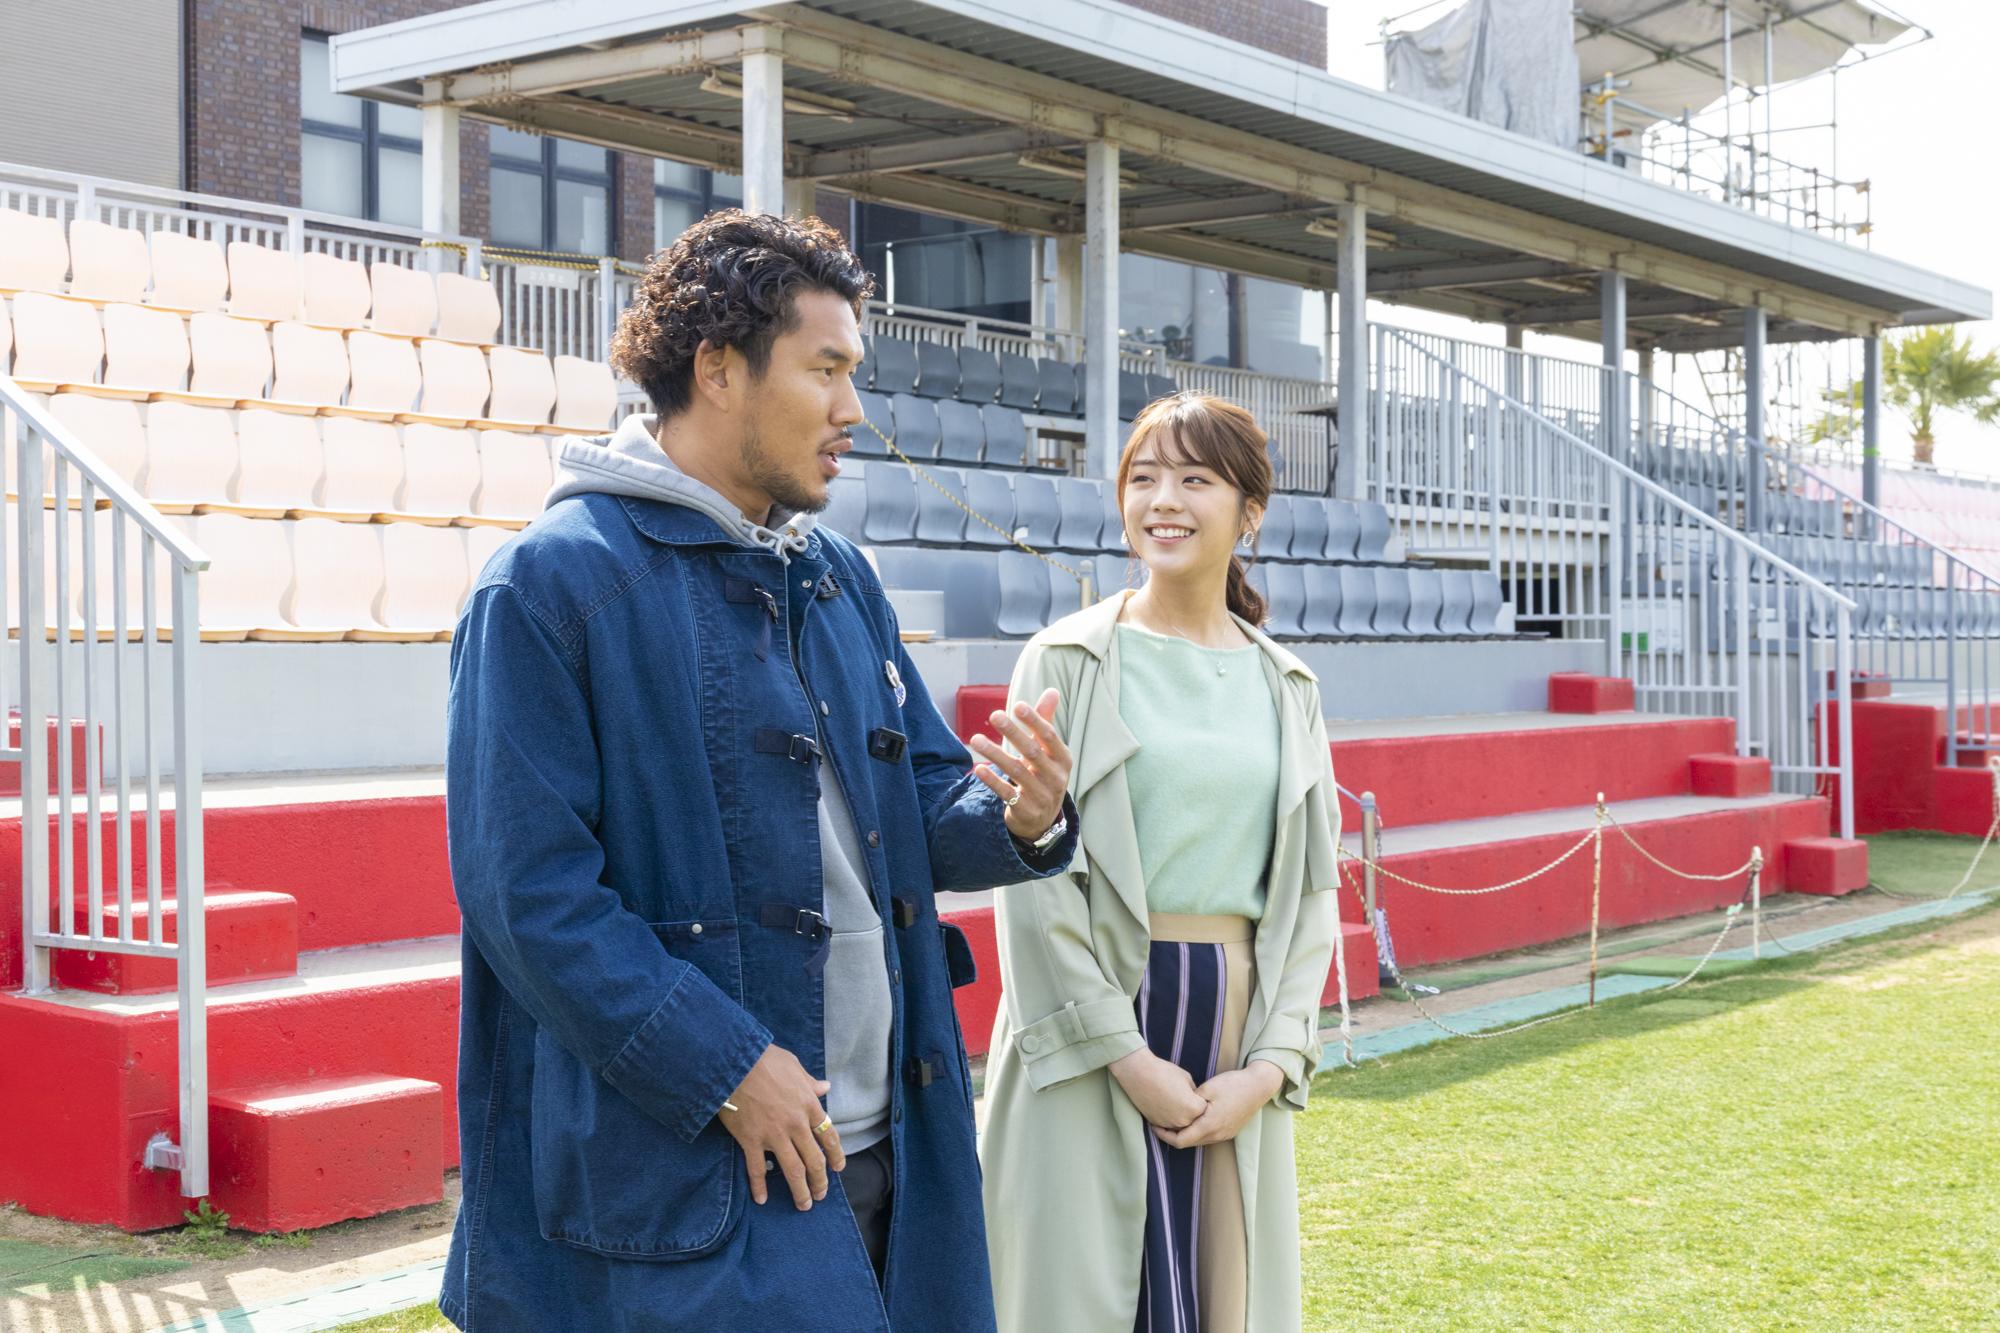 貴島明日香、地元・神戸の魅力を伝えるプロモーション動画「KOBE TRIP」に 山中亮平選手と出演!